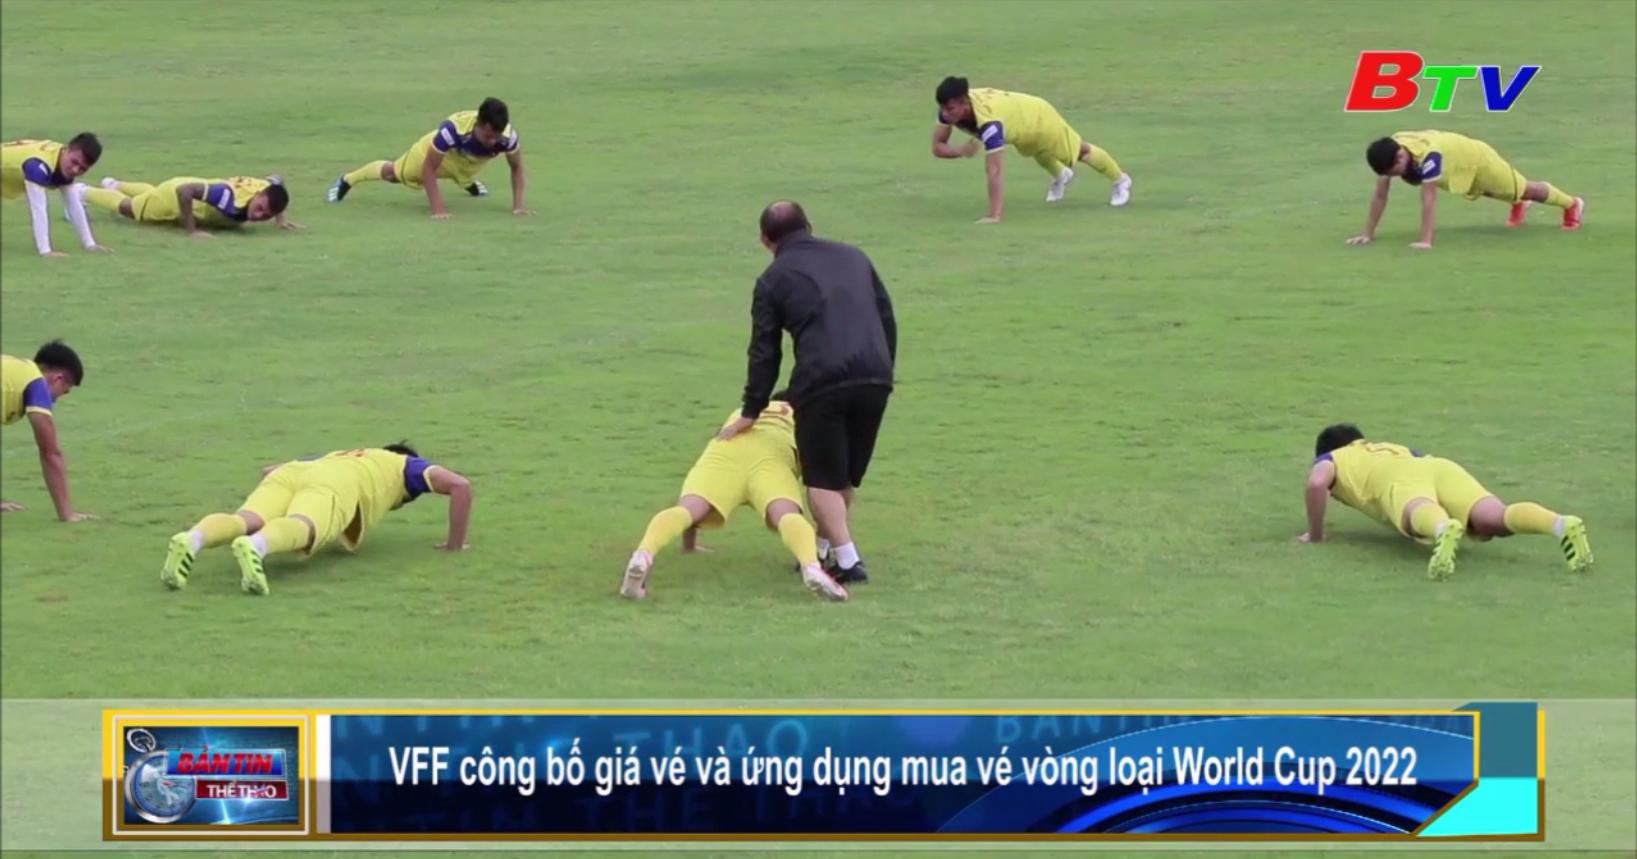 VFF công bố giá vé và ứng dụng mua vé vòng loại World Cup 2022